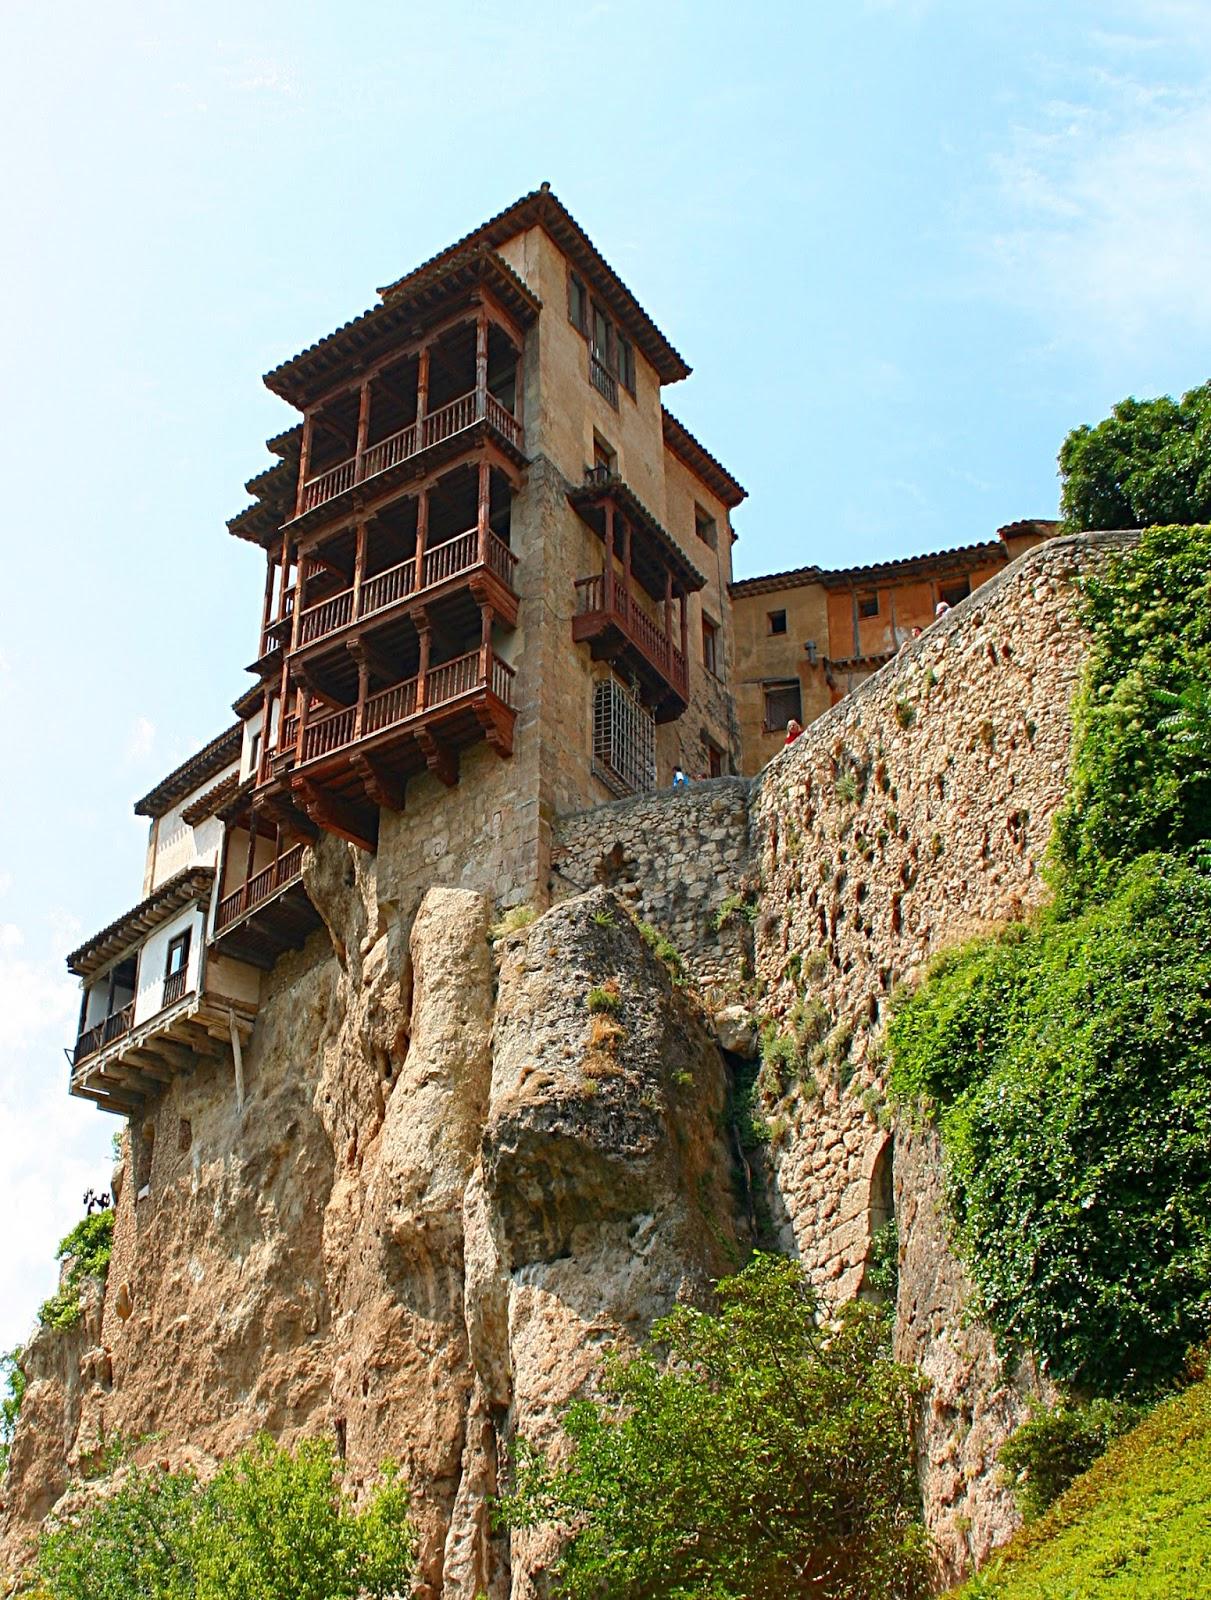 Pix Grove: Hanging Houses of Cuenca Spain